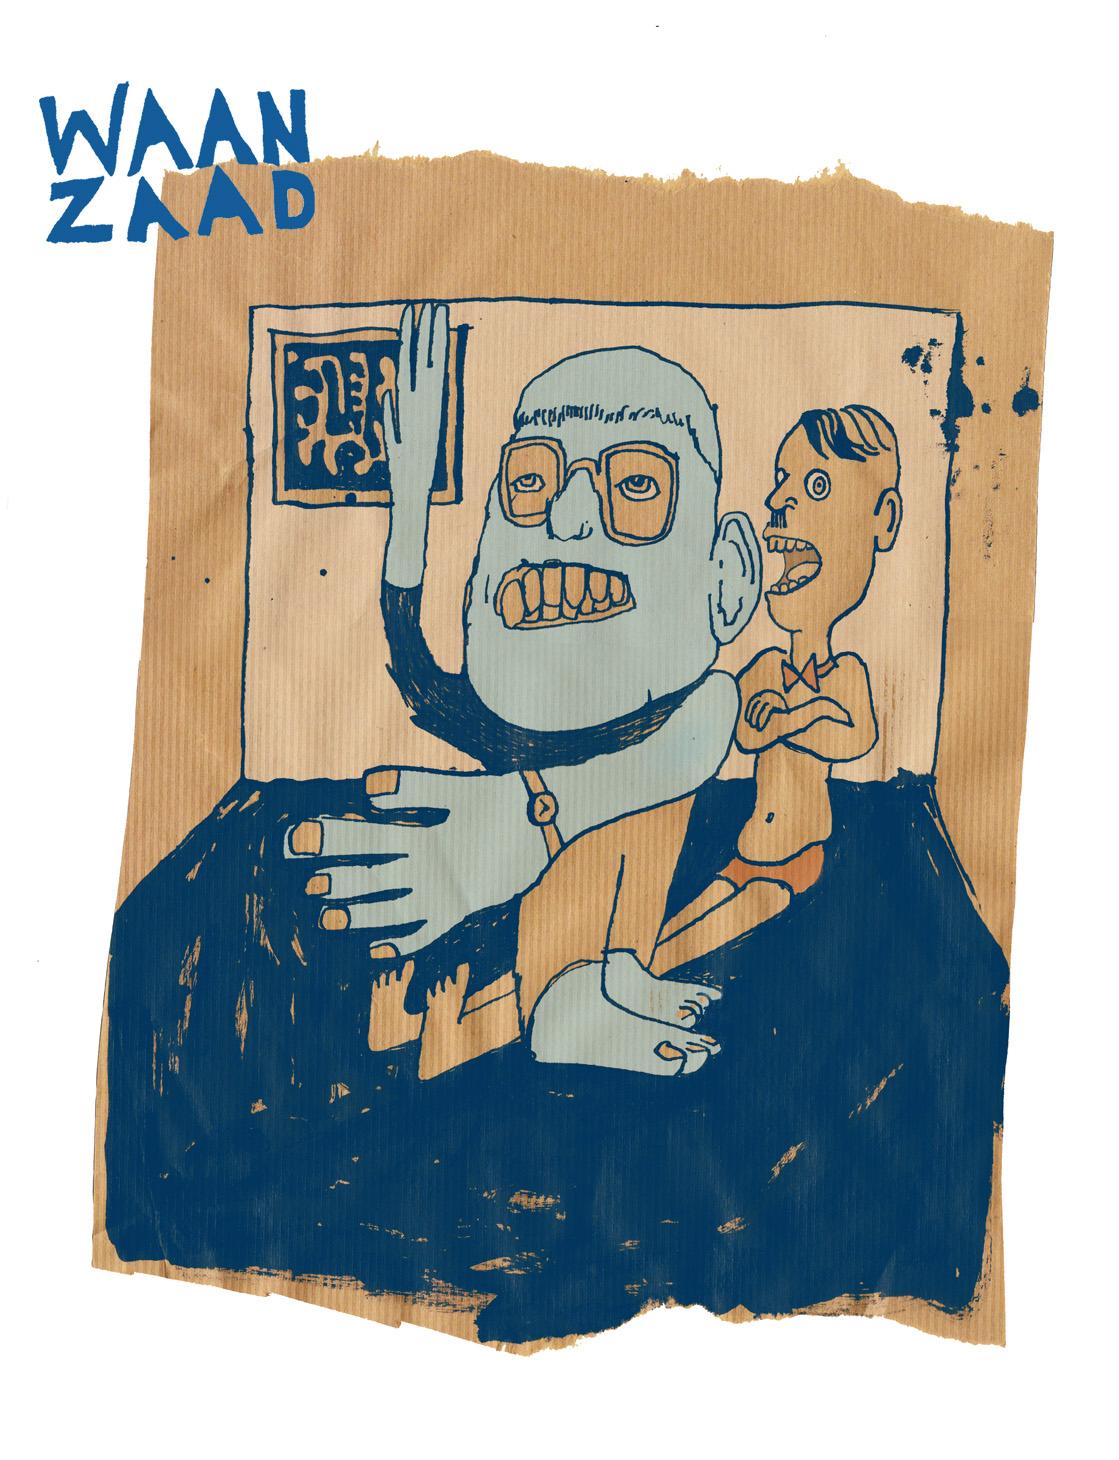 'Waanzaad', cartoons zonder clue